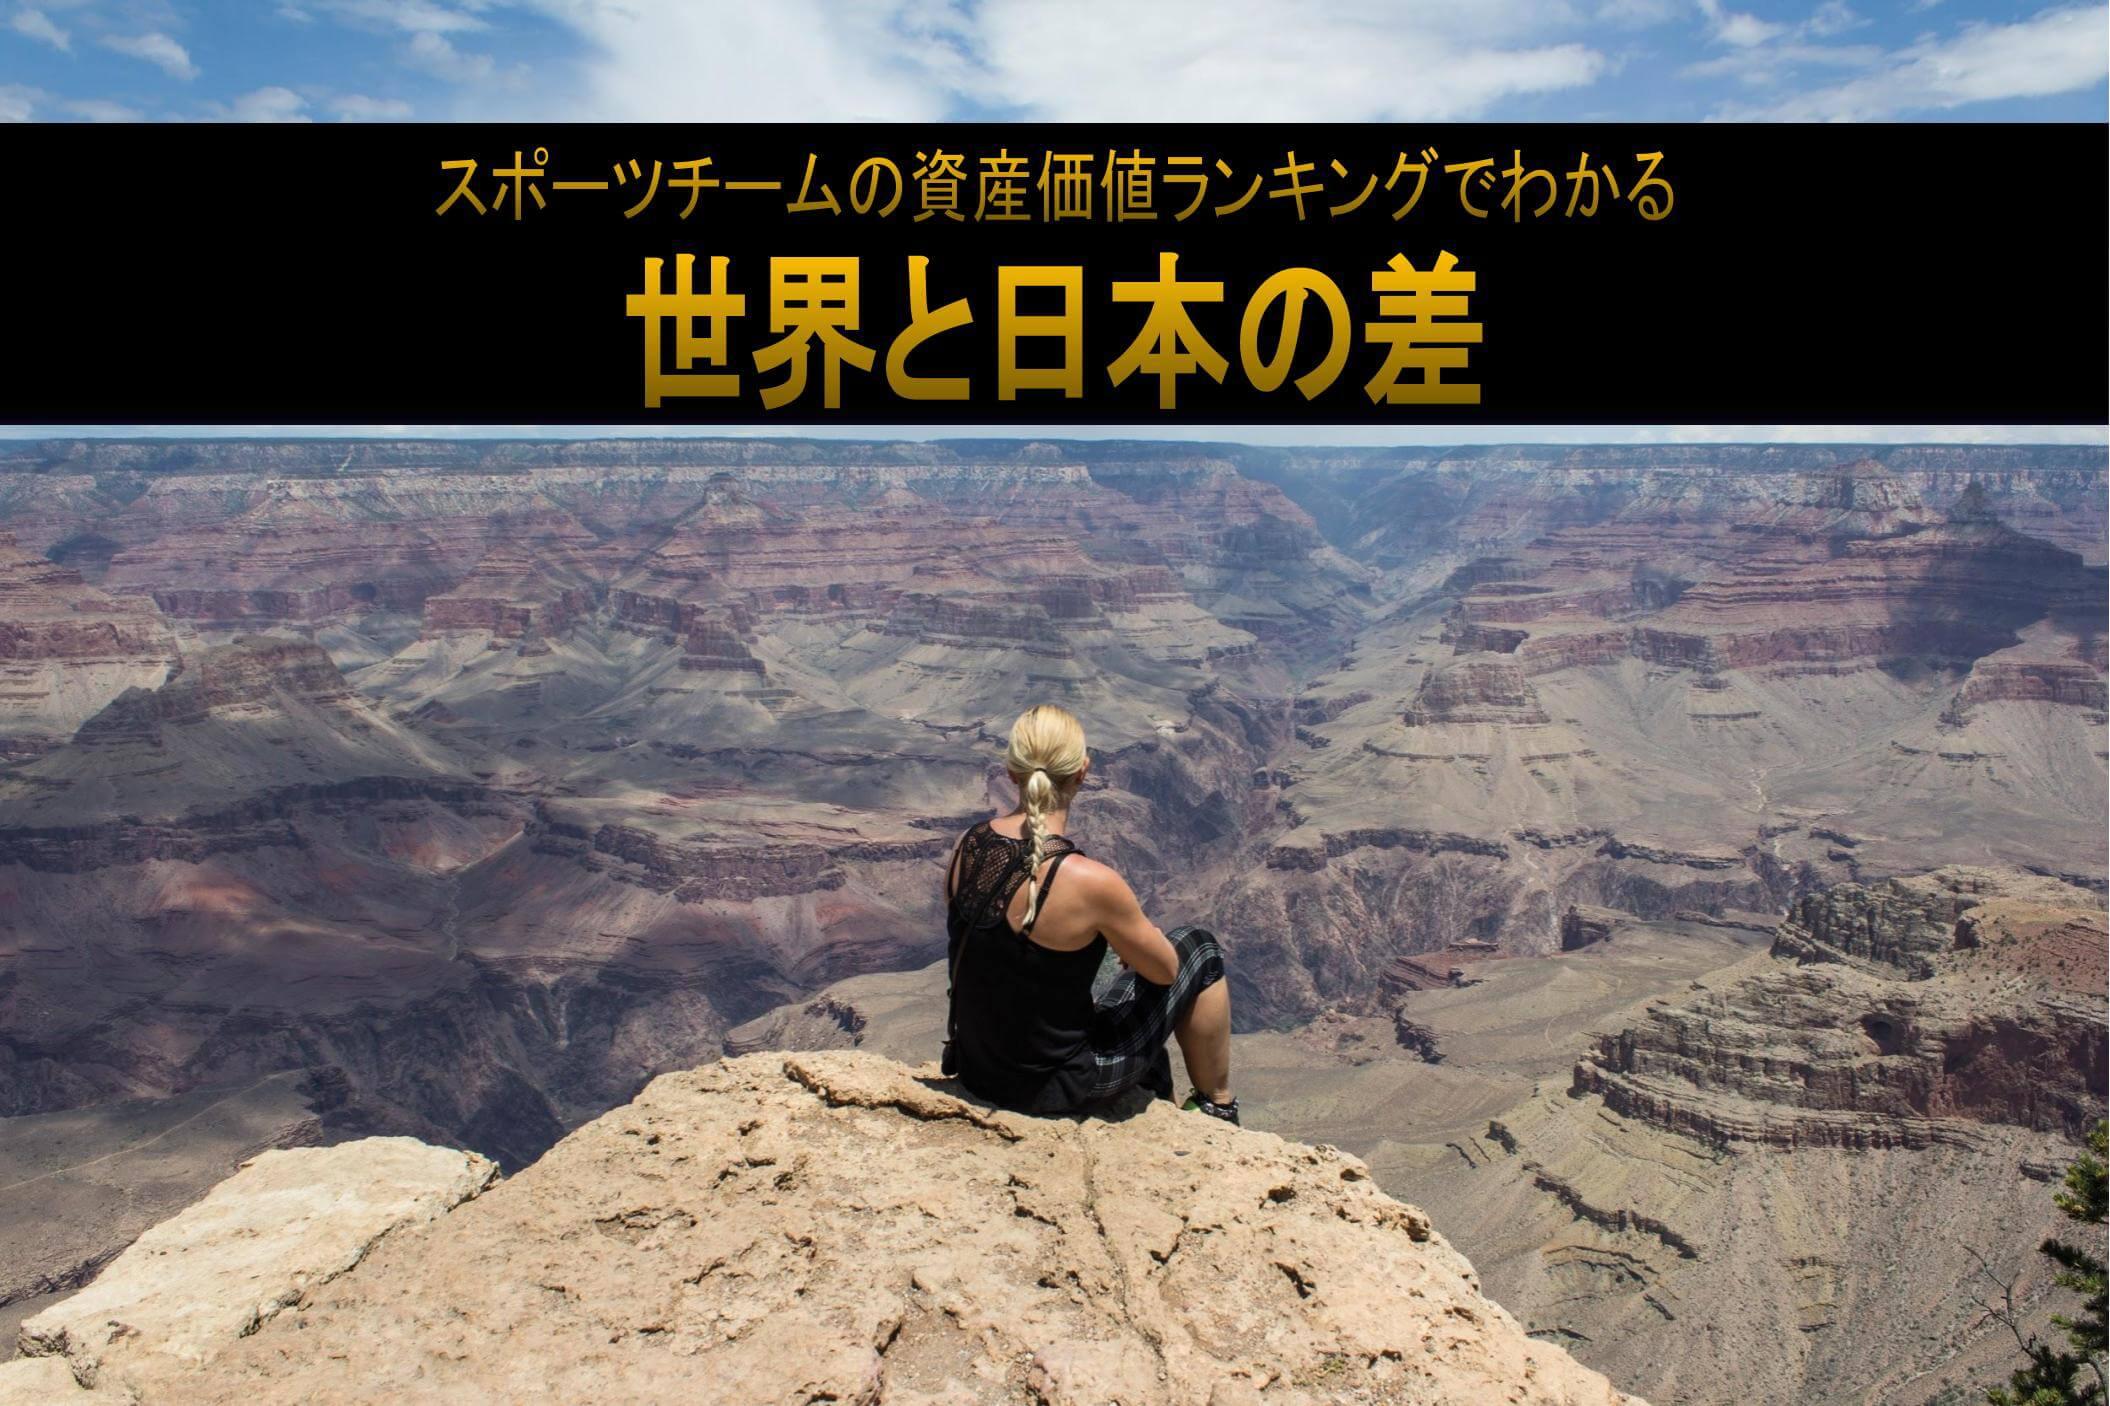 グランドキャニオンを眺めるたくましい女性 スポーツチームの資産価値ランキングでわかる世界と日本の差